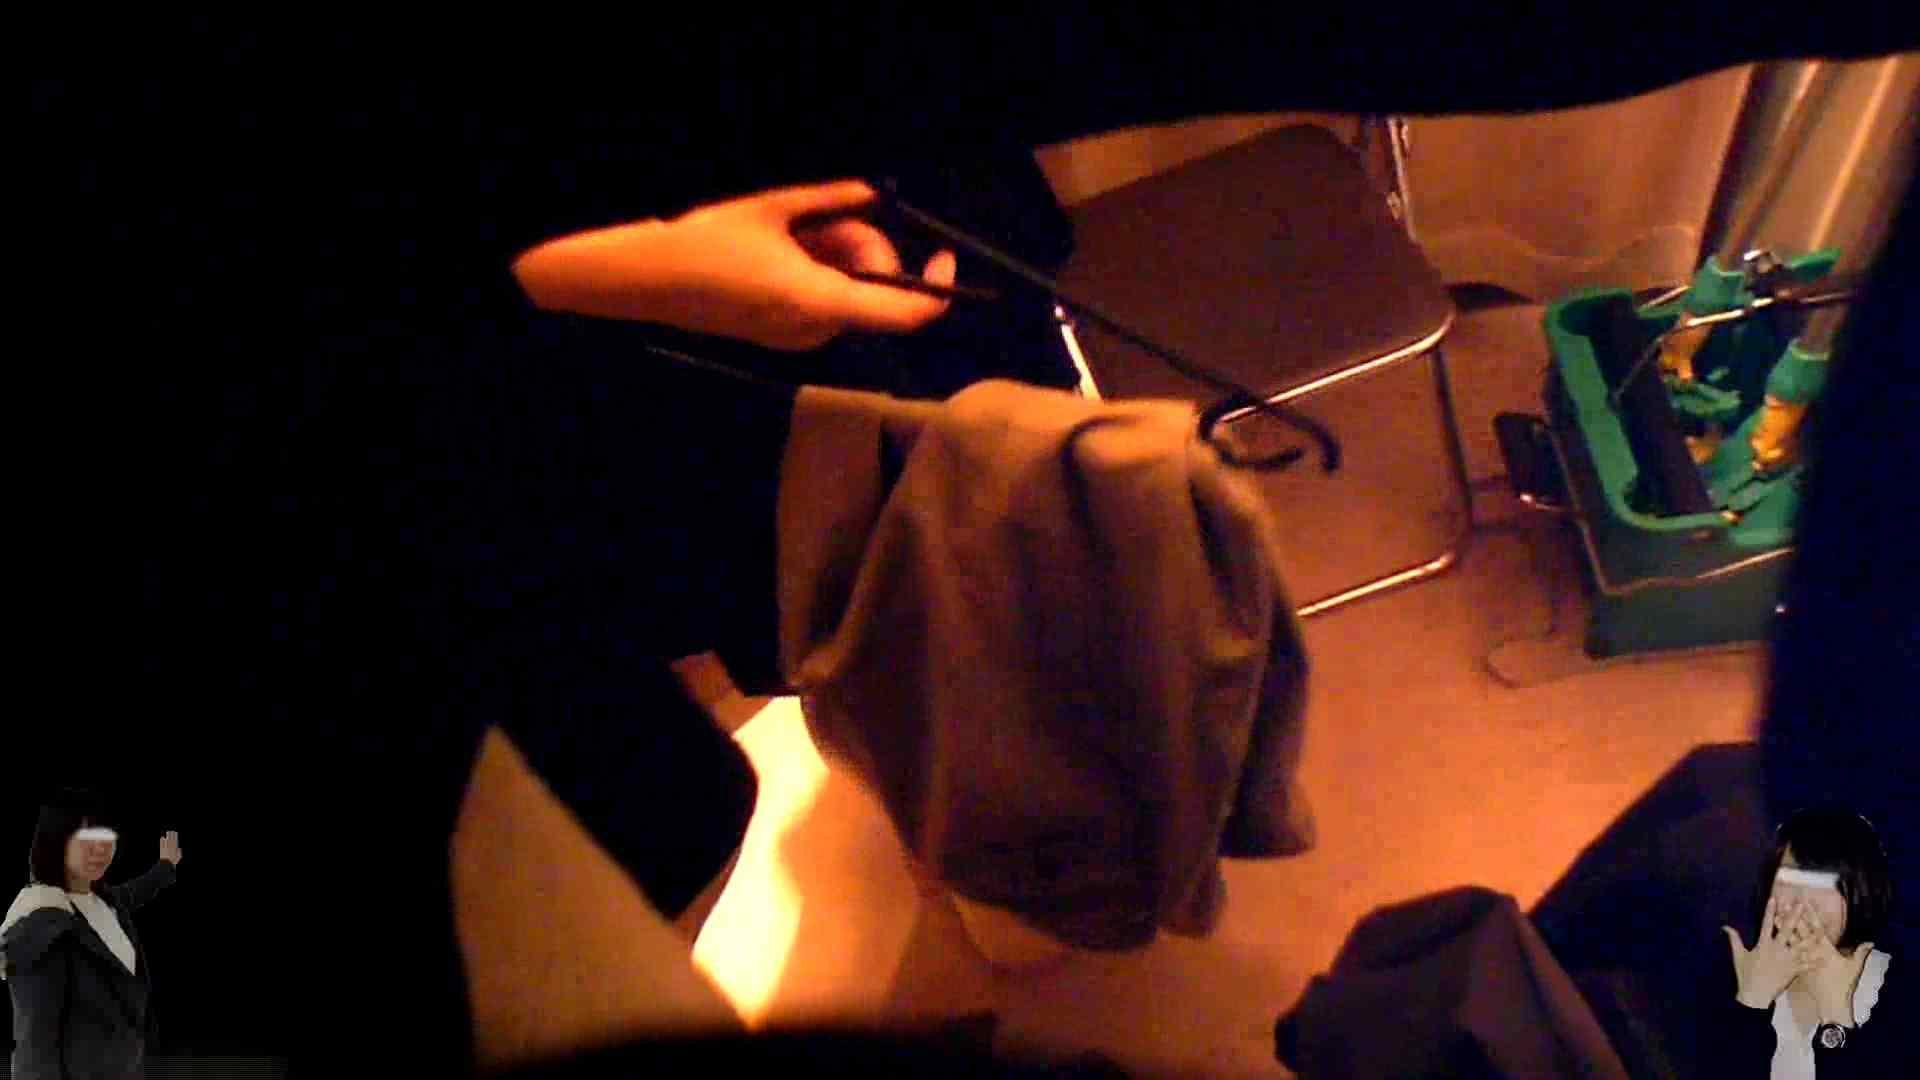 素人投稿 現役「JD」Eちゃんの着替え Vol.04 素人エロ画像 ヌード画像 76PICs 71